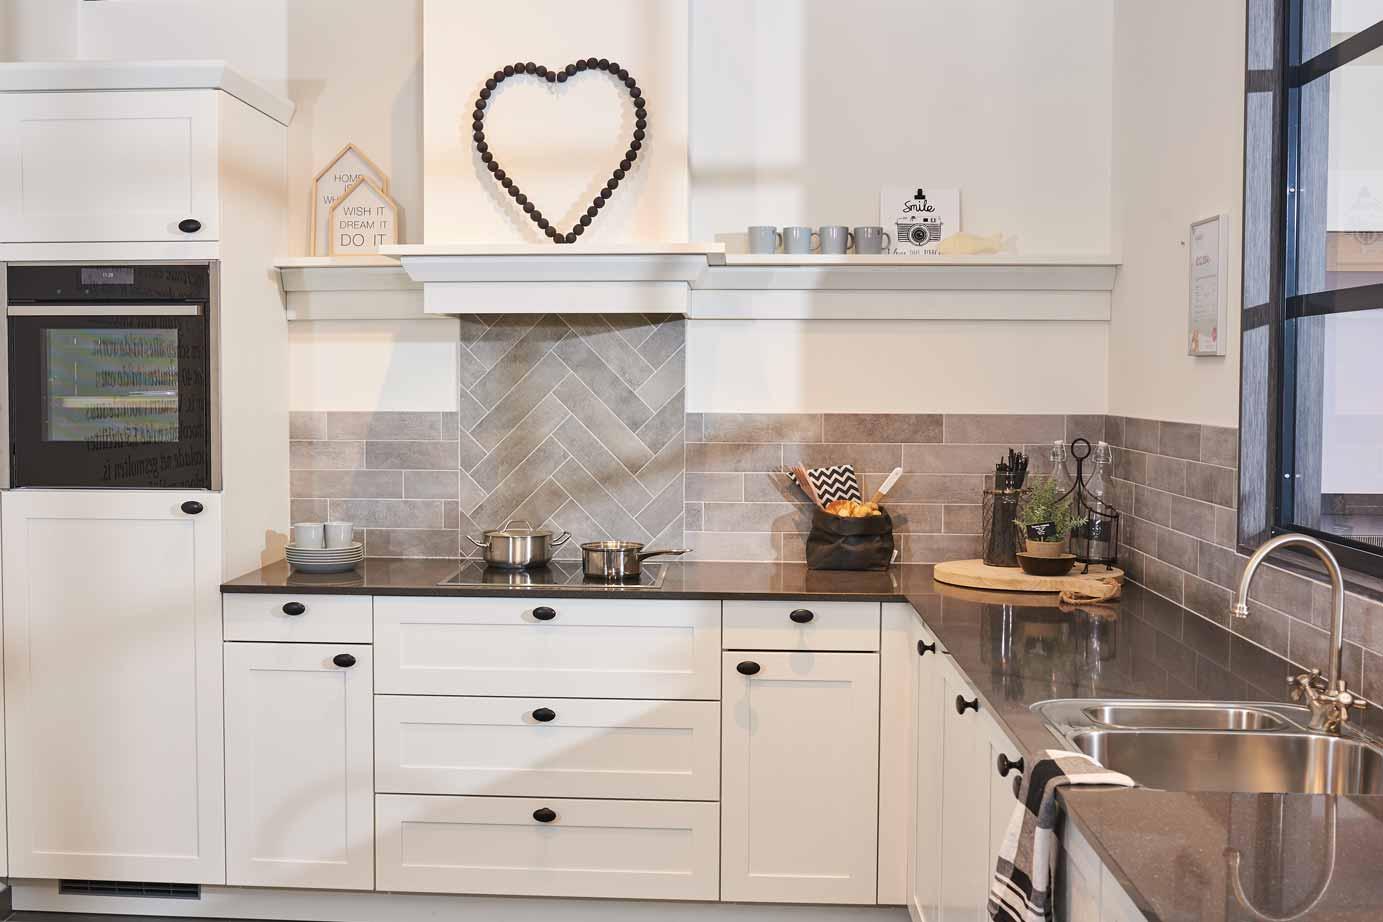 Extreem Landelijke keukens kopen? Bekijk 50+ voorbeelden - DB Keukens #MQ64